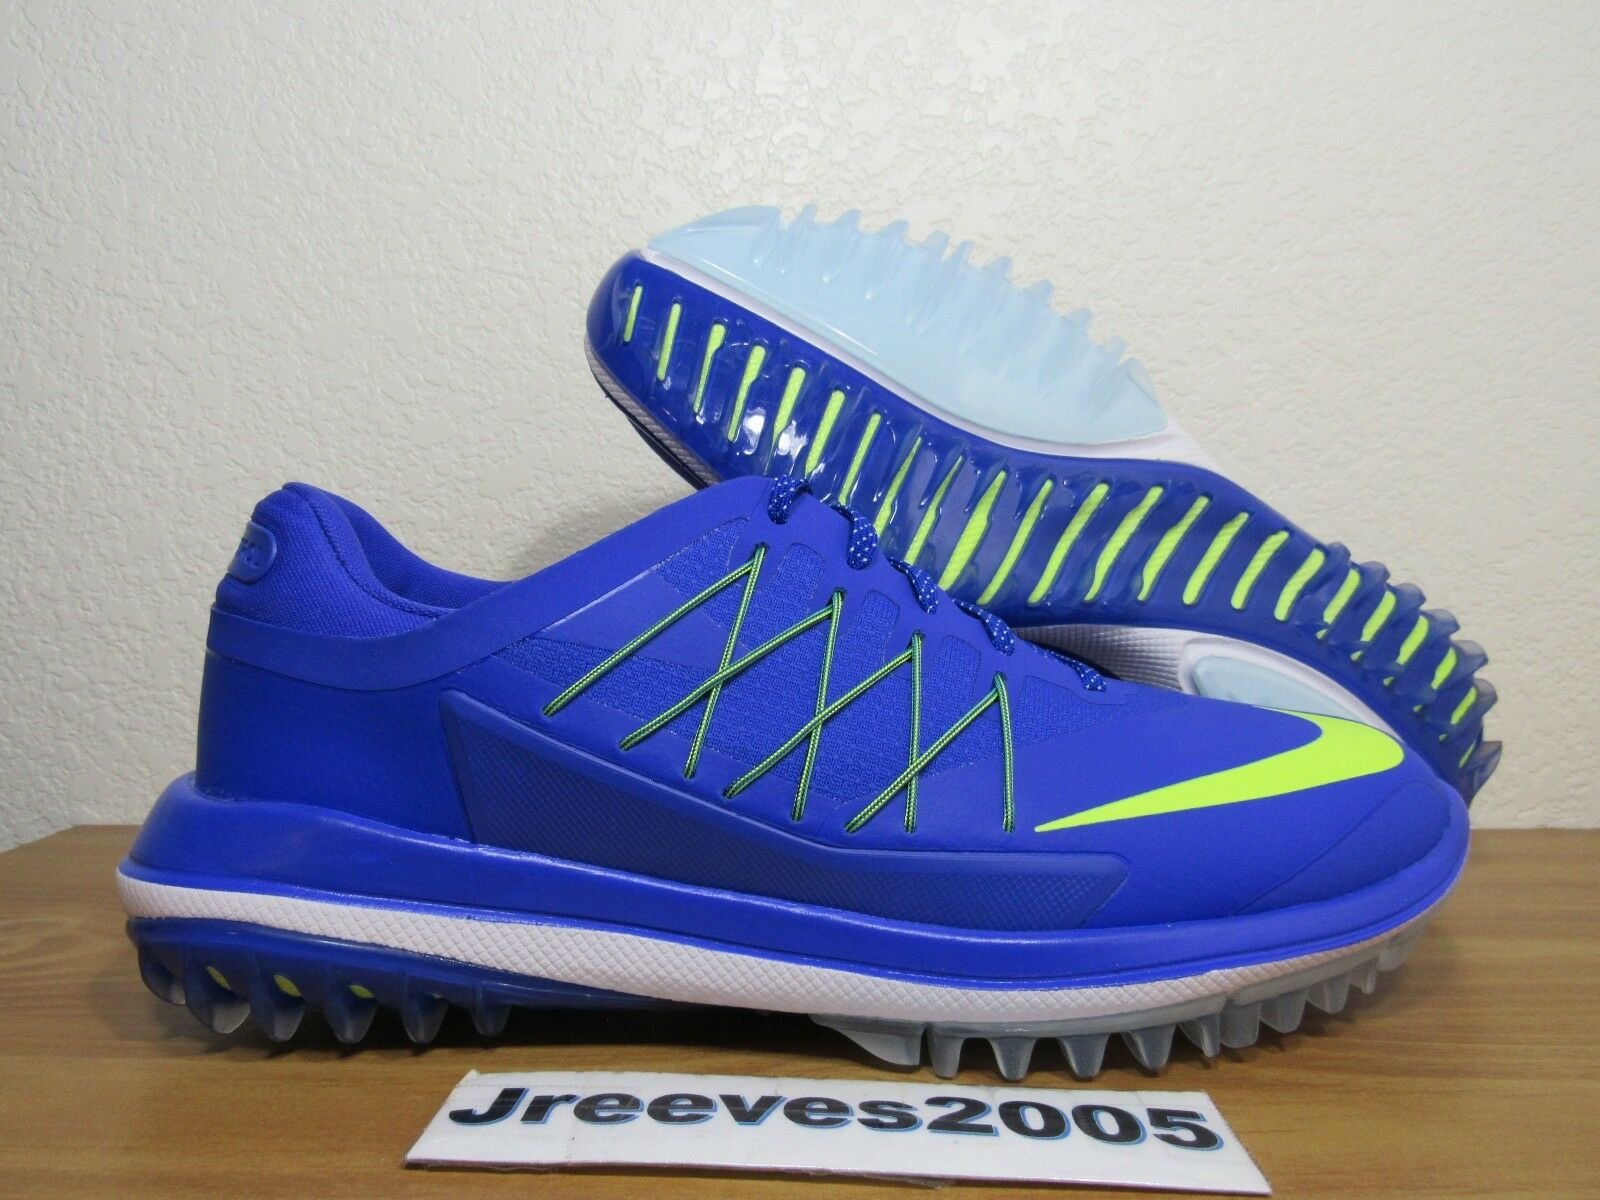 Women's Nike Lunar Control Vapor 100% Golf Shoes Sz 9 100% Vapor Authentic 849979 400 f00e5d